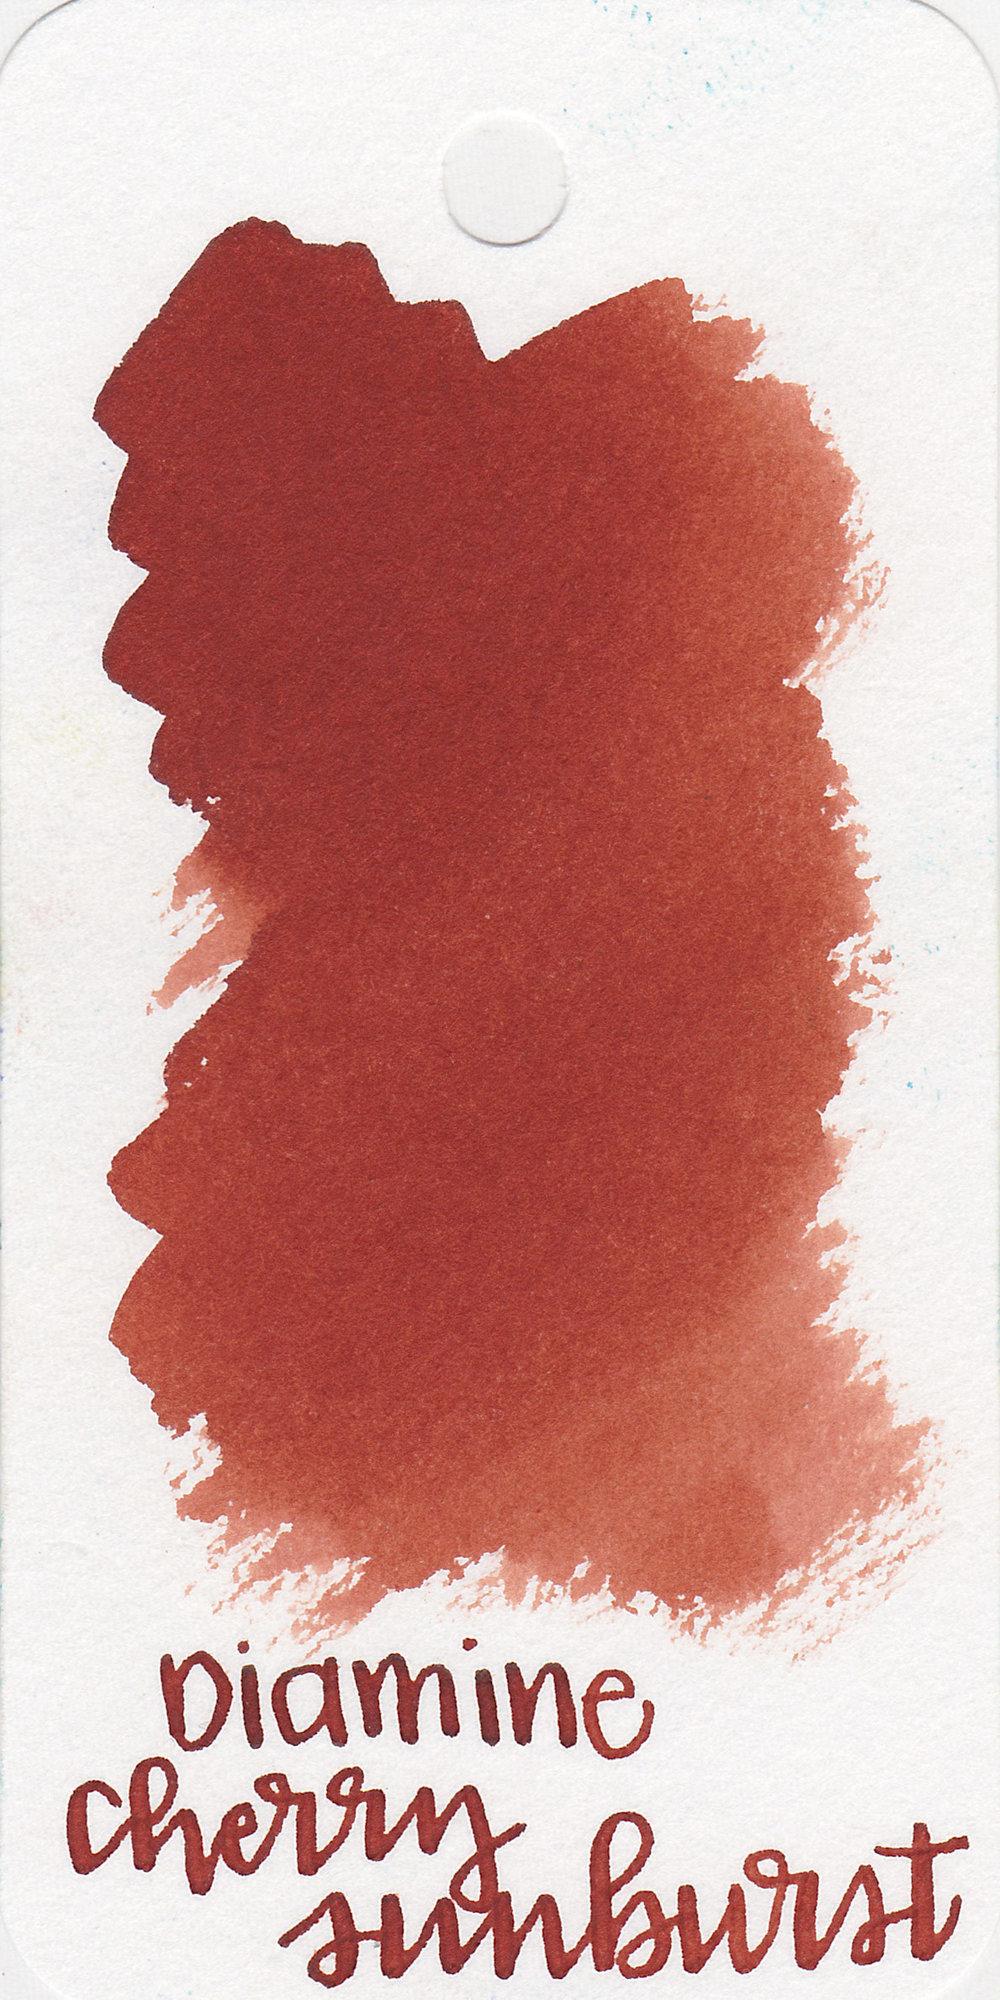 d-cherry-sunburst-1.jpg